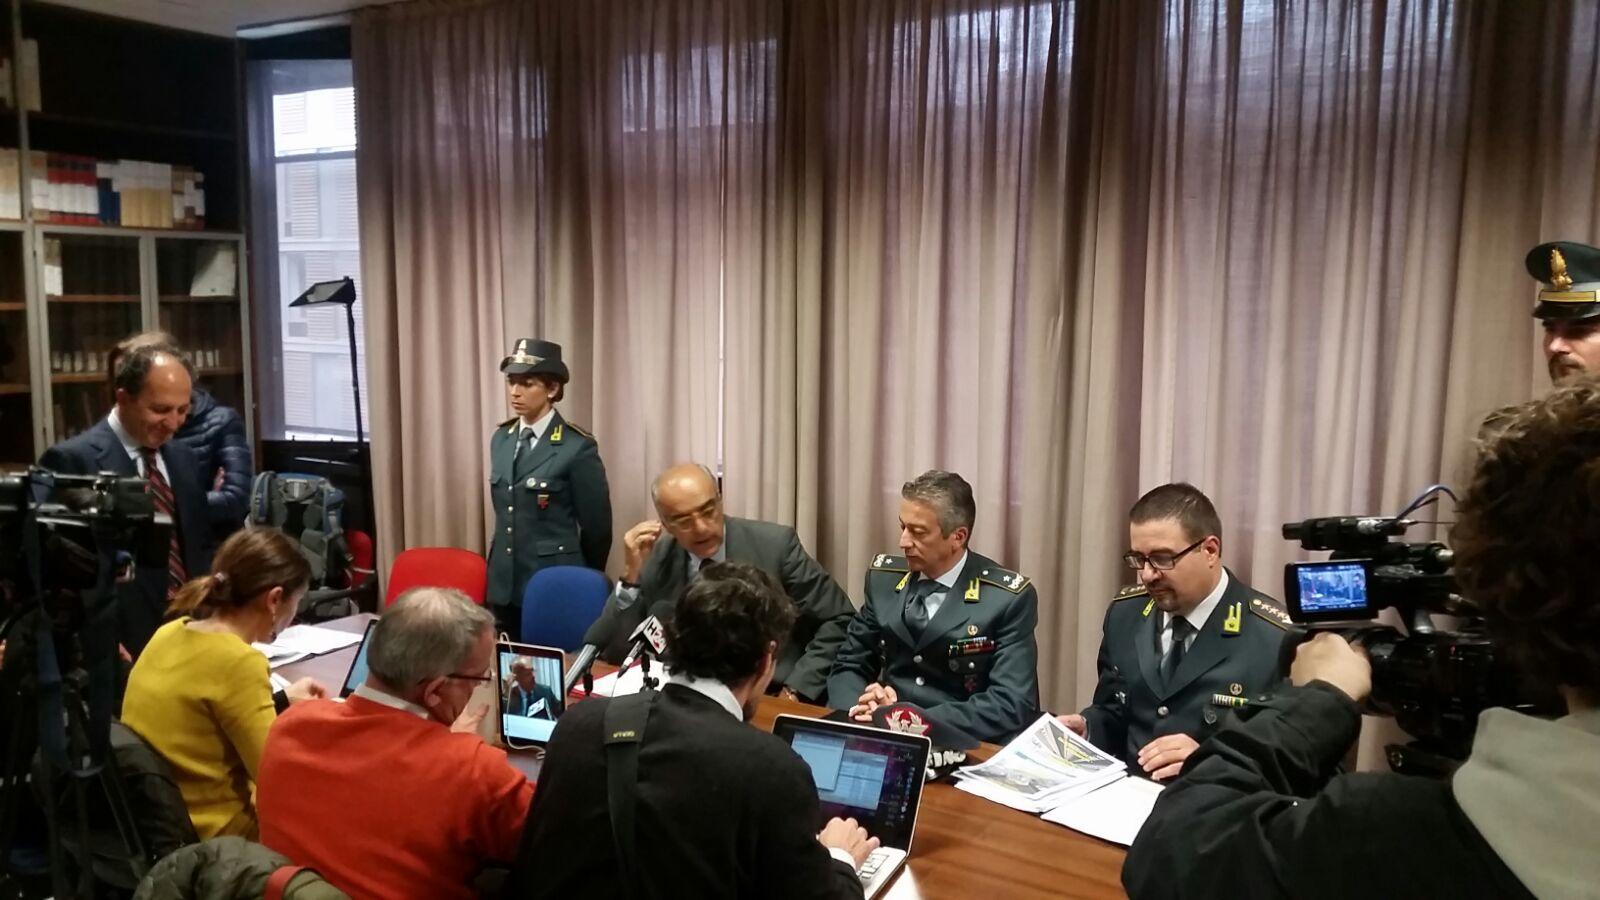 Conferenza stampa presso la Procura di Genova